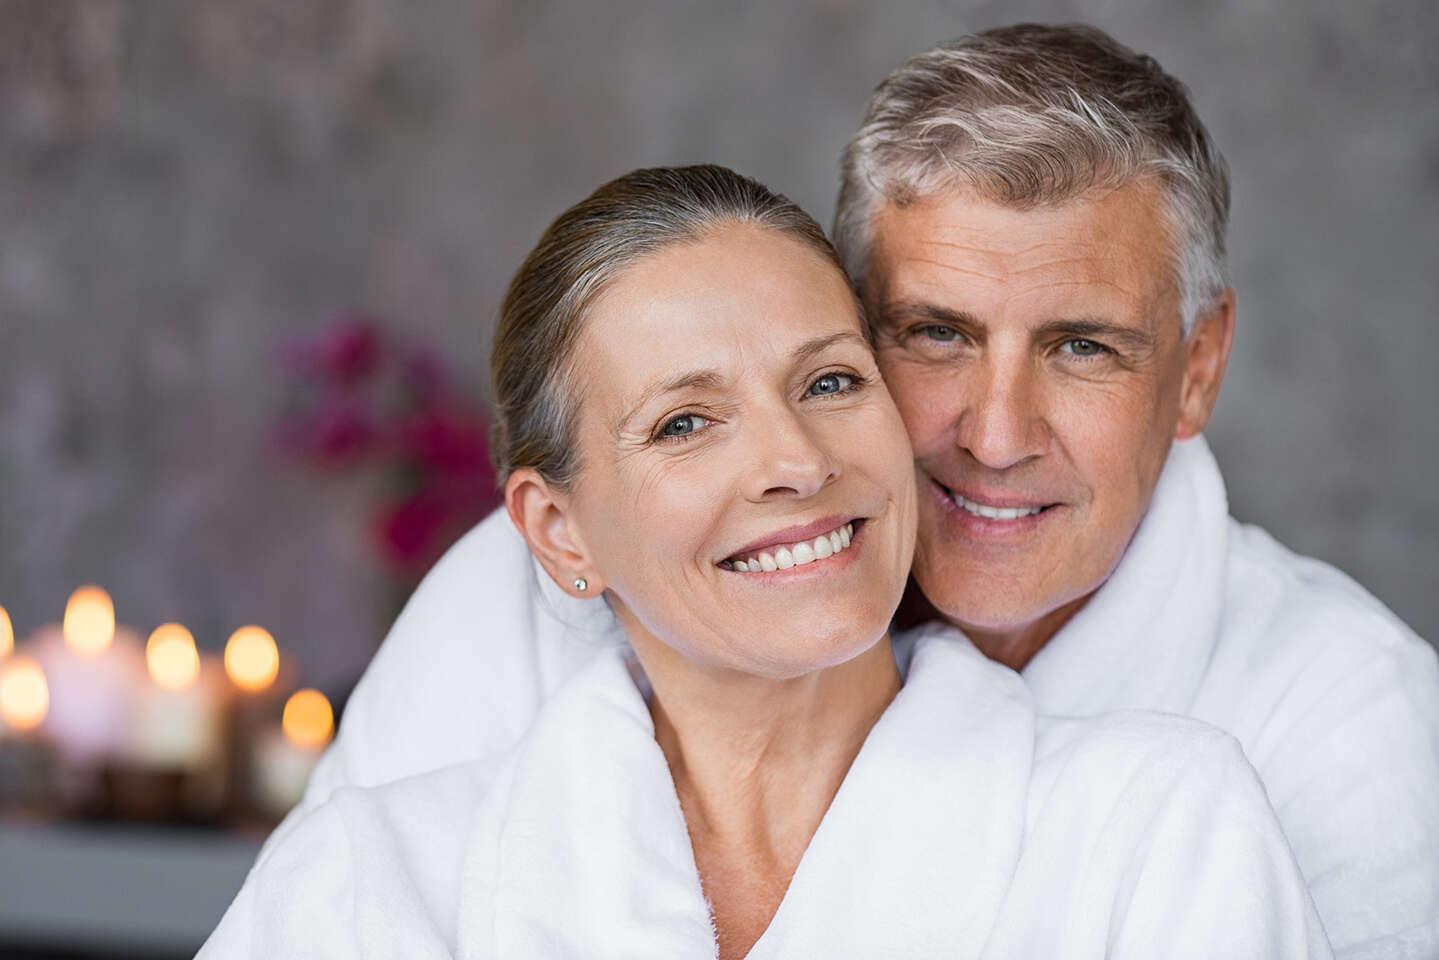 6-dňový liečebný pobyt s plnou penziou